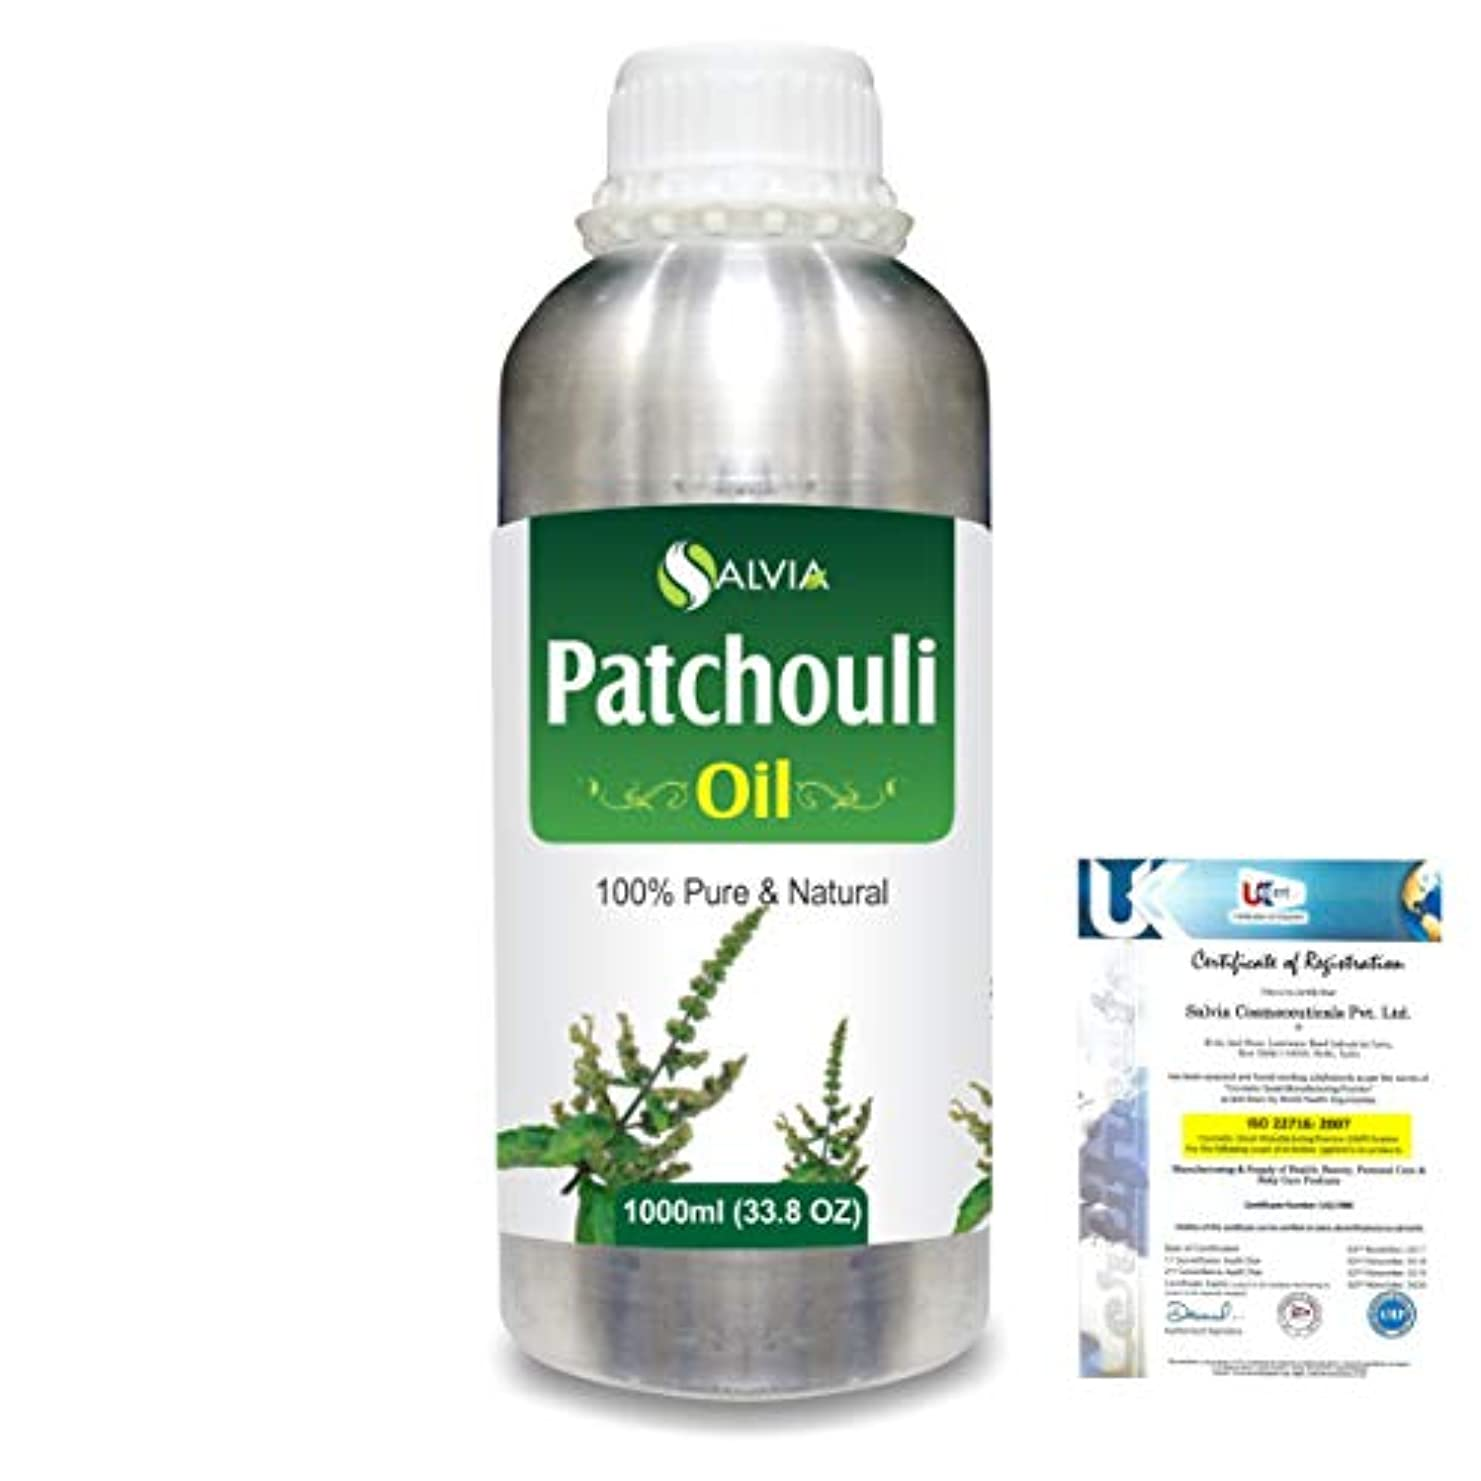 評論家グレー威信Patchouli (Pogostemon cablin) 100% Natural Pure Essential Oil 1000ml/33.8fl.oz.